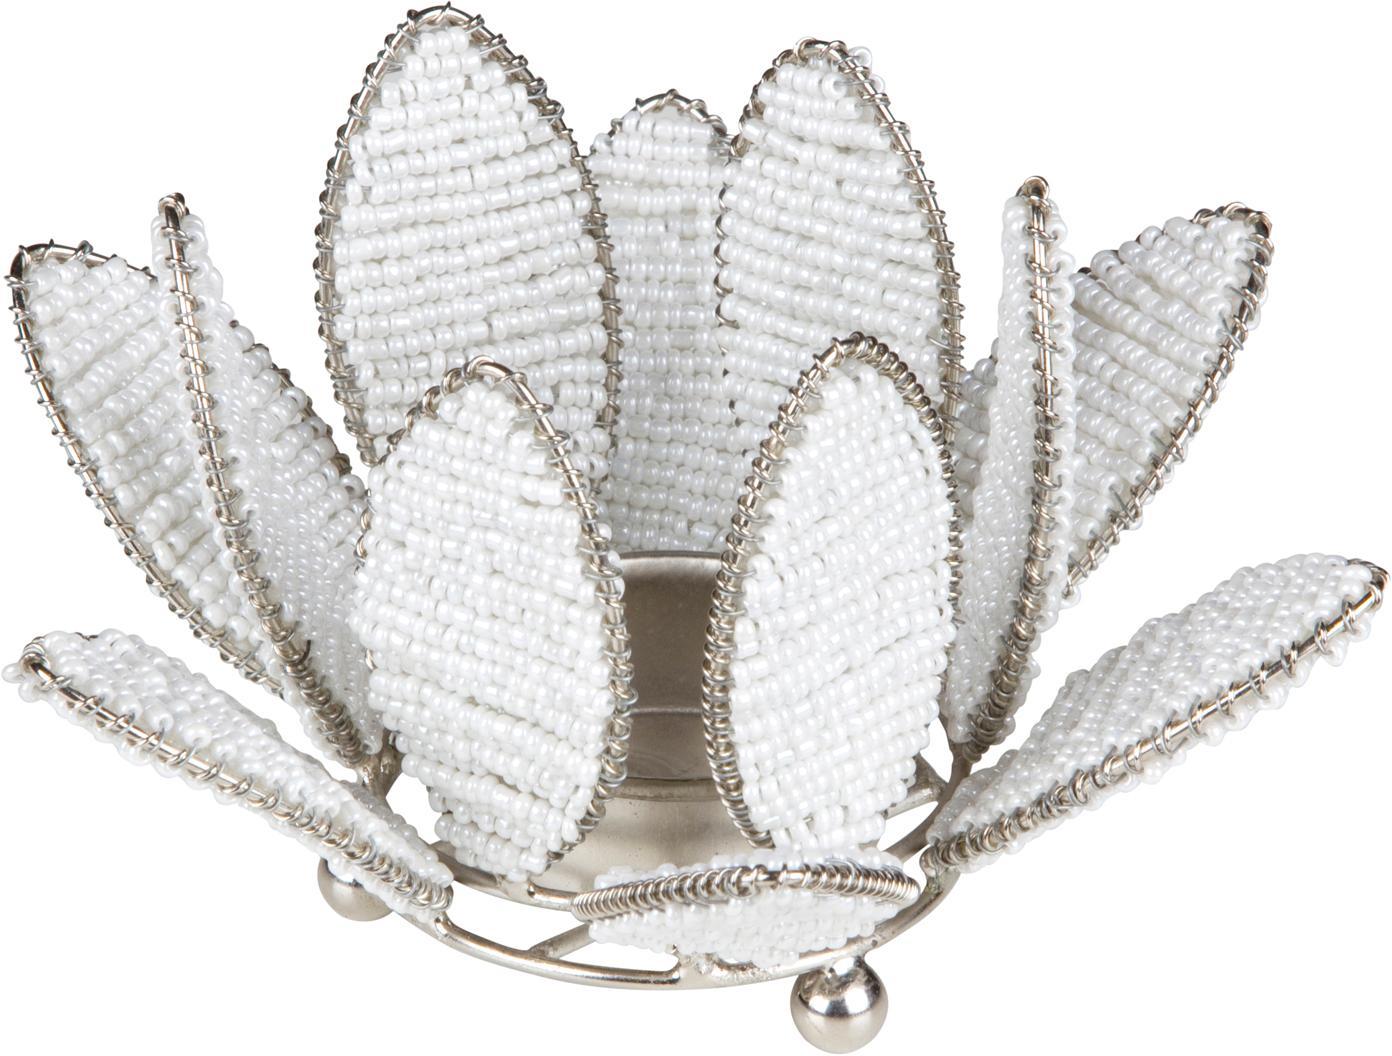 Waxinelichthouder Kei, Metaal, glazen kralen, Wit, zilverkleurig, Ø 13 x H 9 cm